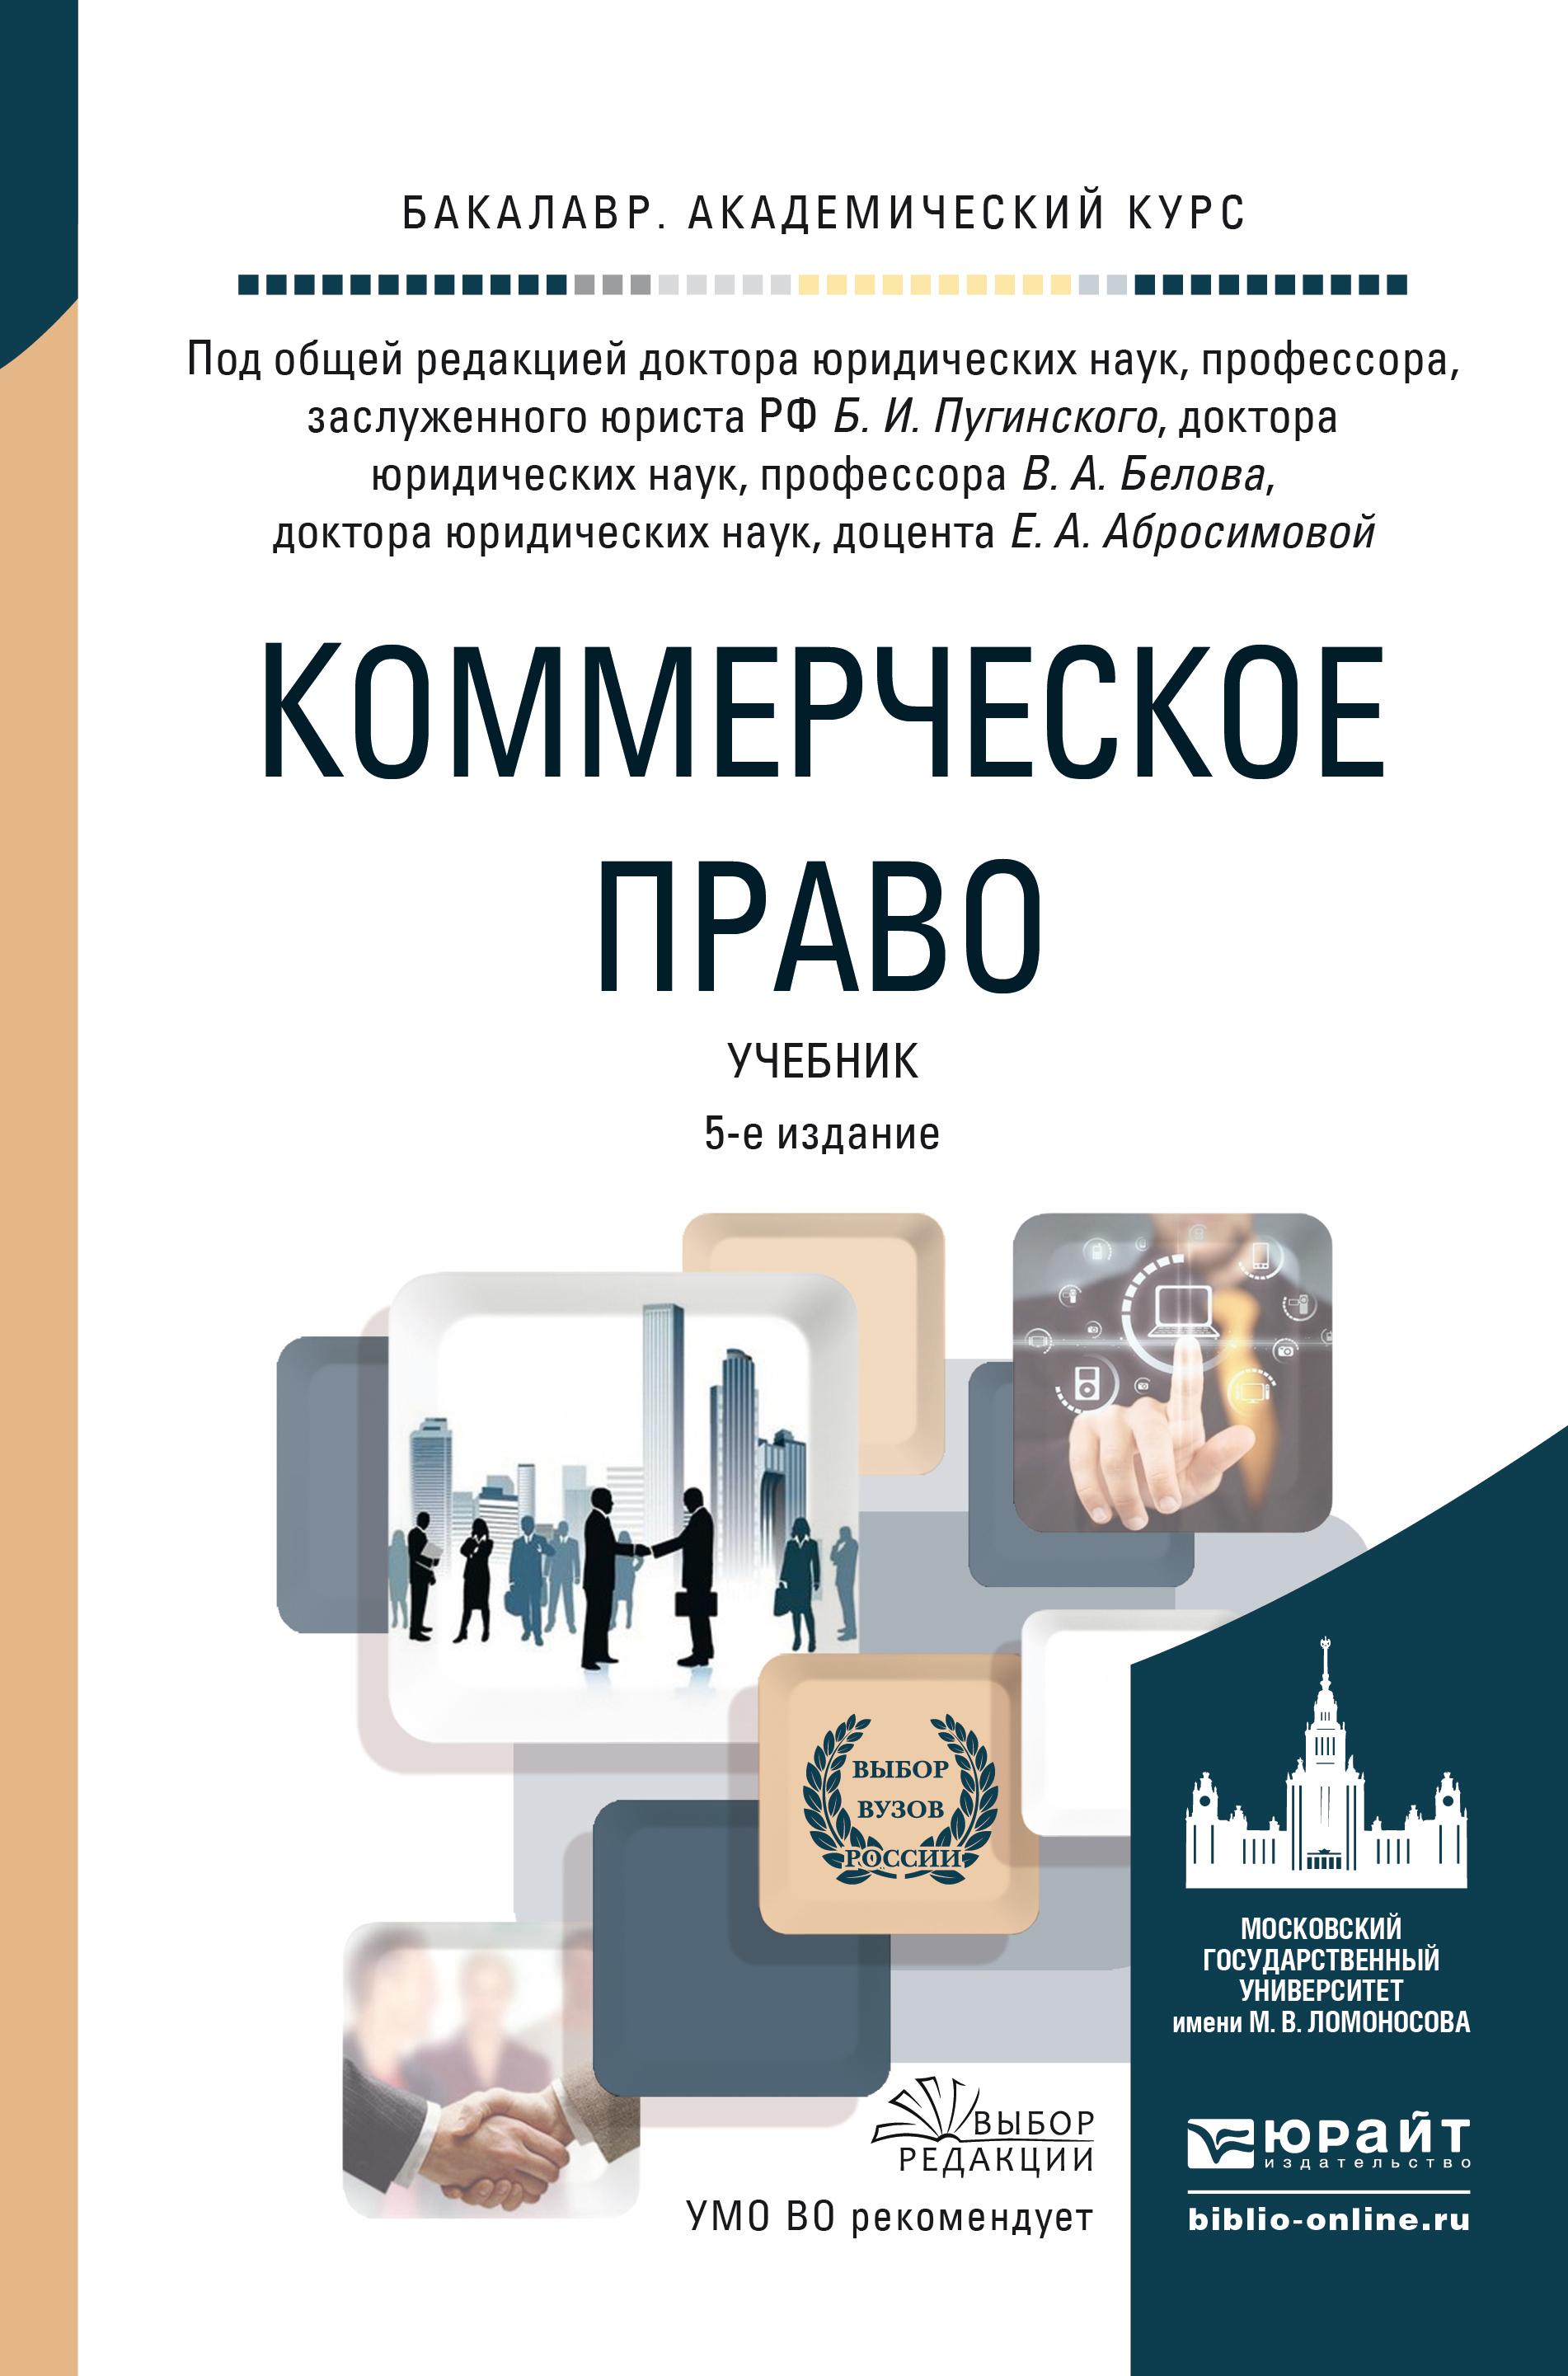 Коммерческое право. Учебник, Б. И. Пугинский